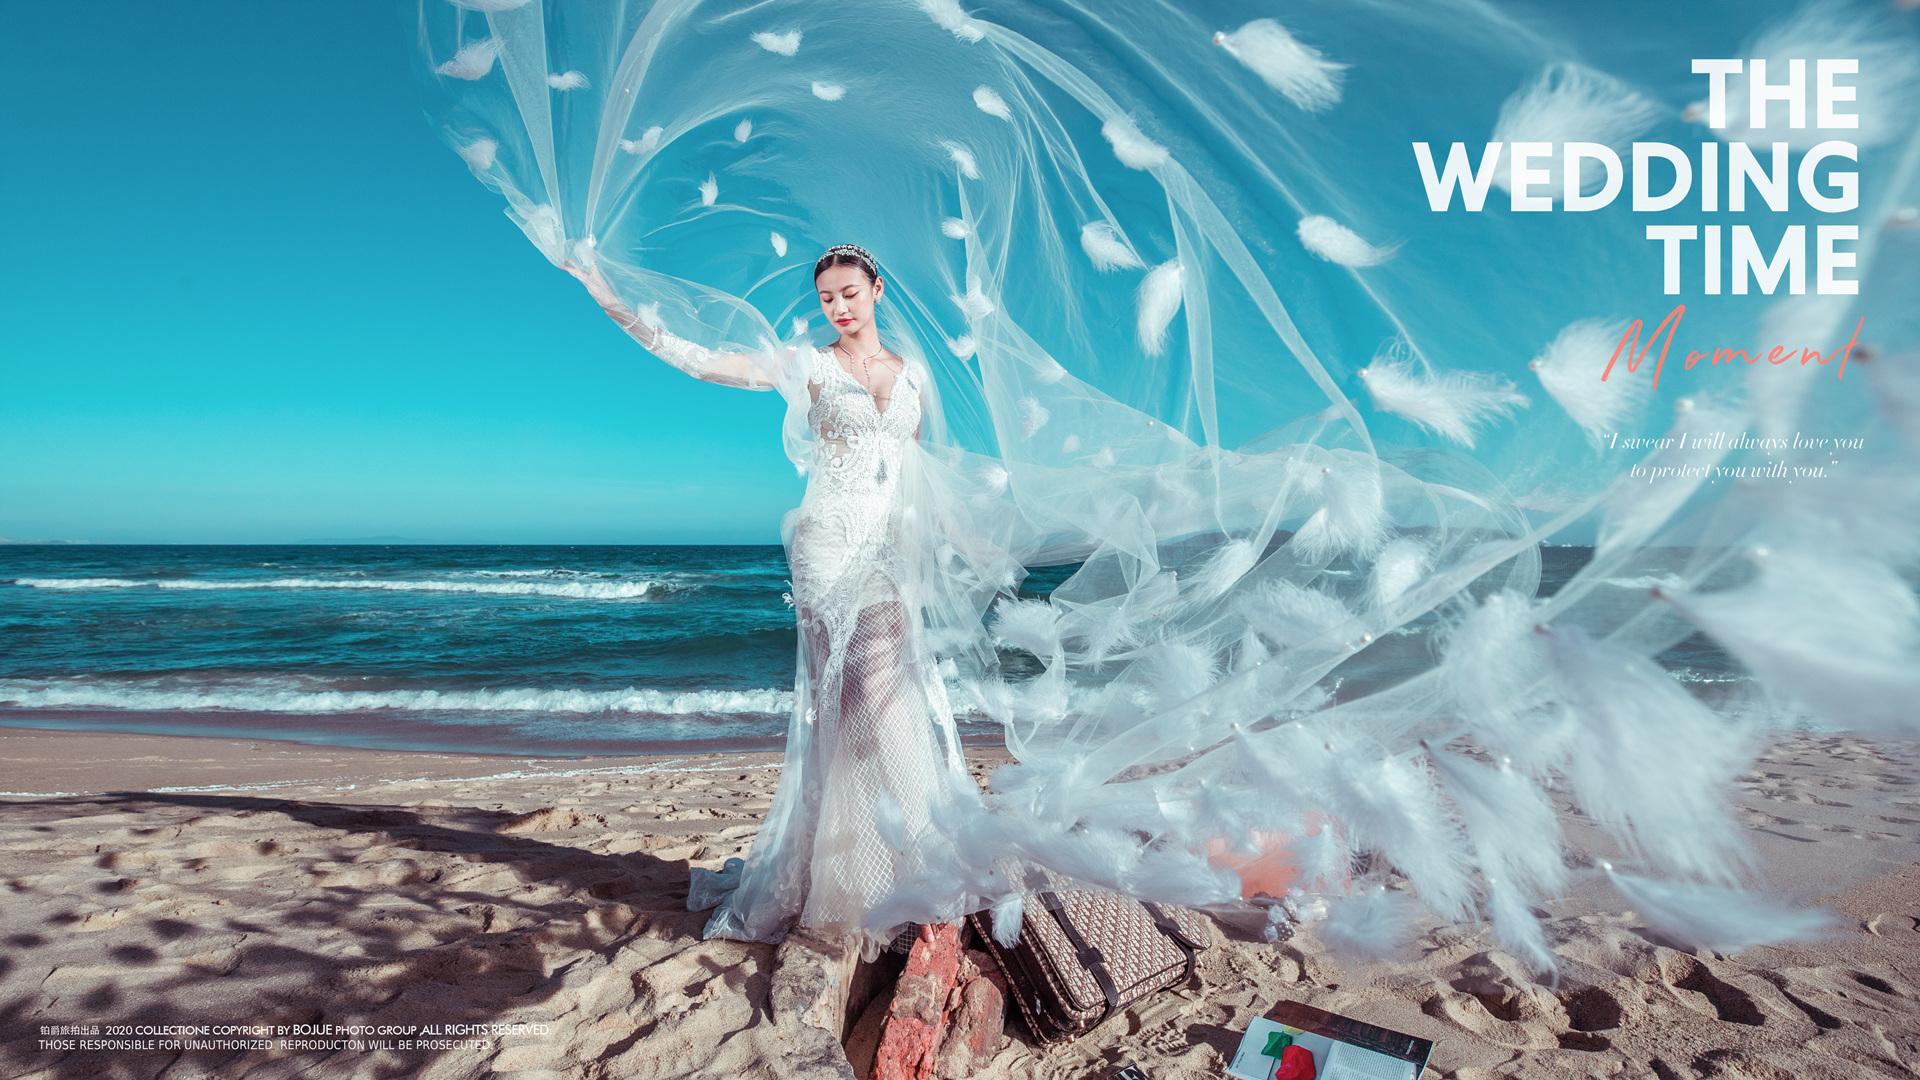 厦门婚纱摄影哪些景点最受欢迎?盘点厦门最佳婚纱摄影取景地!